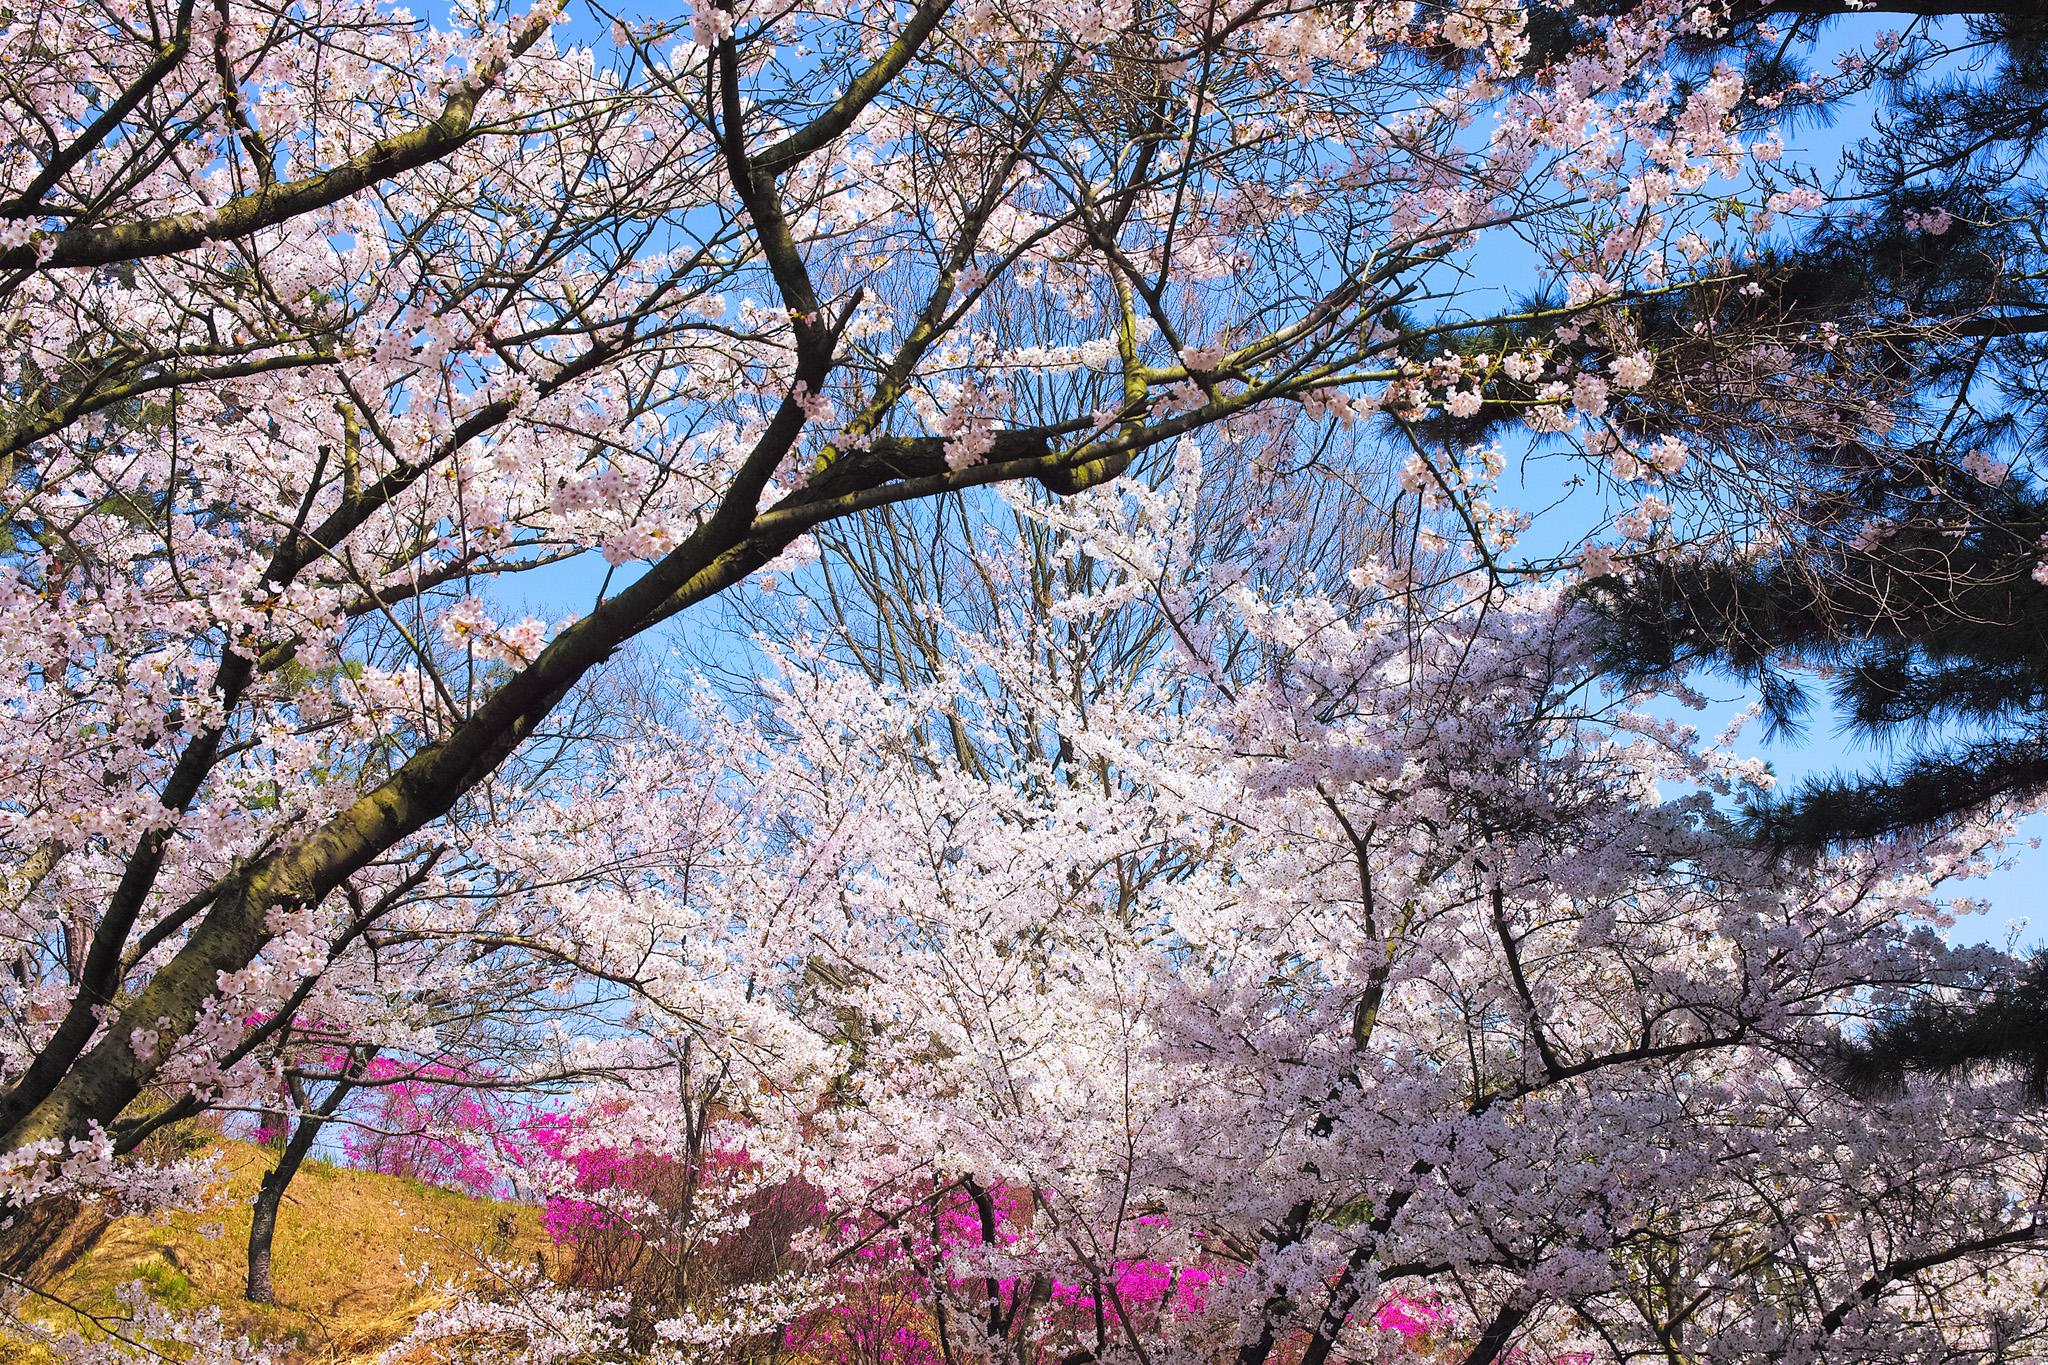 「様々な色で溢れる春の桜林」